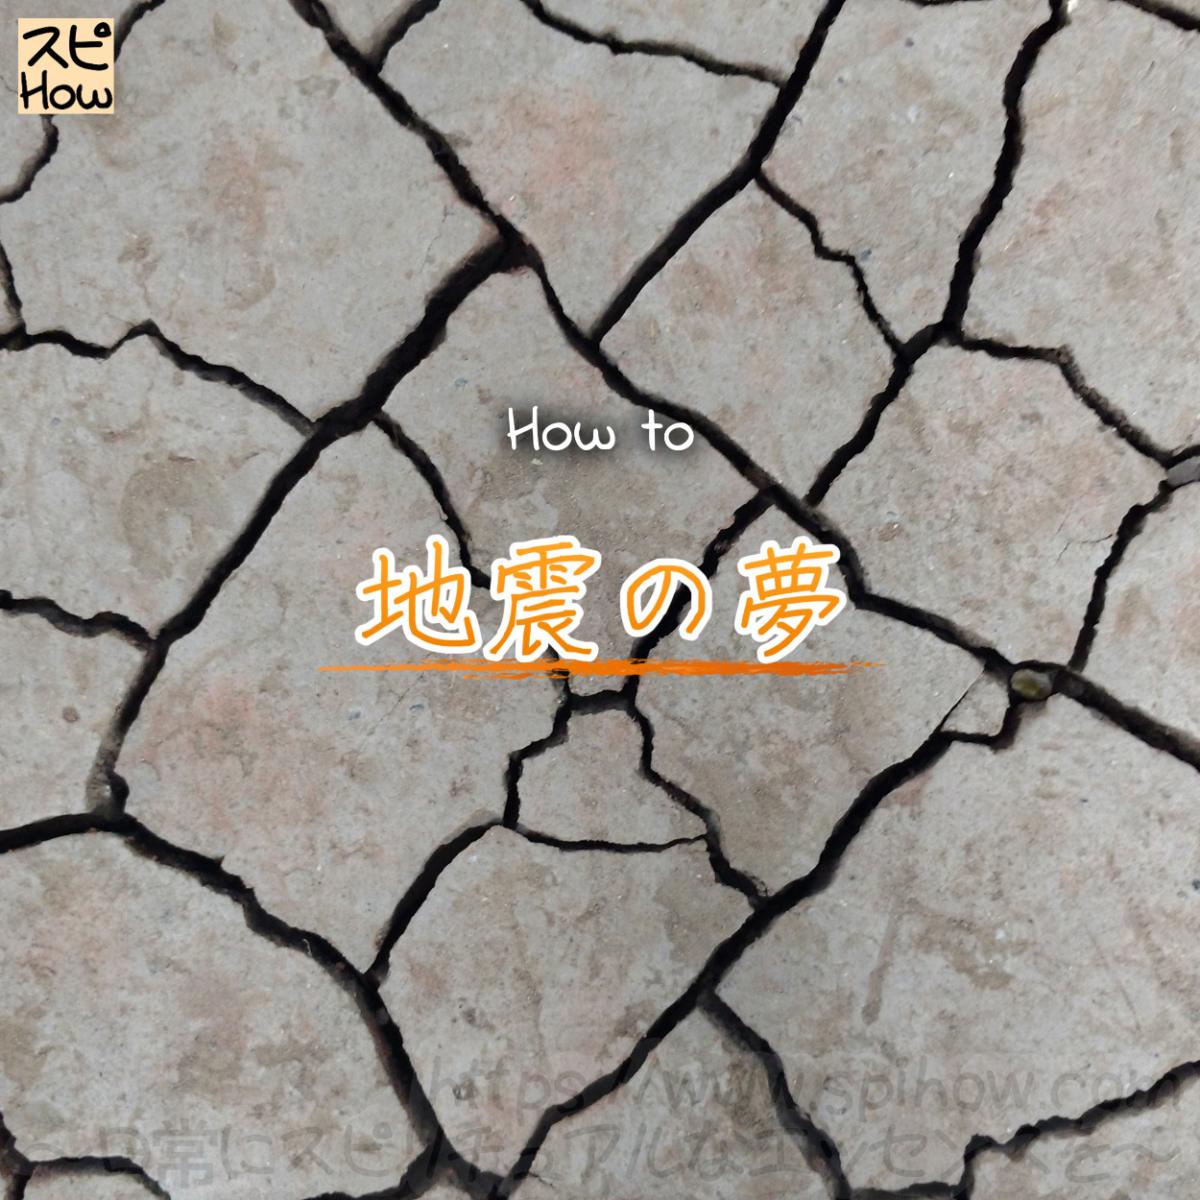 【地震の夢の夢占い】地震の夢を見た時の意味と対処方法とは?のアイキャッチ画像